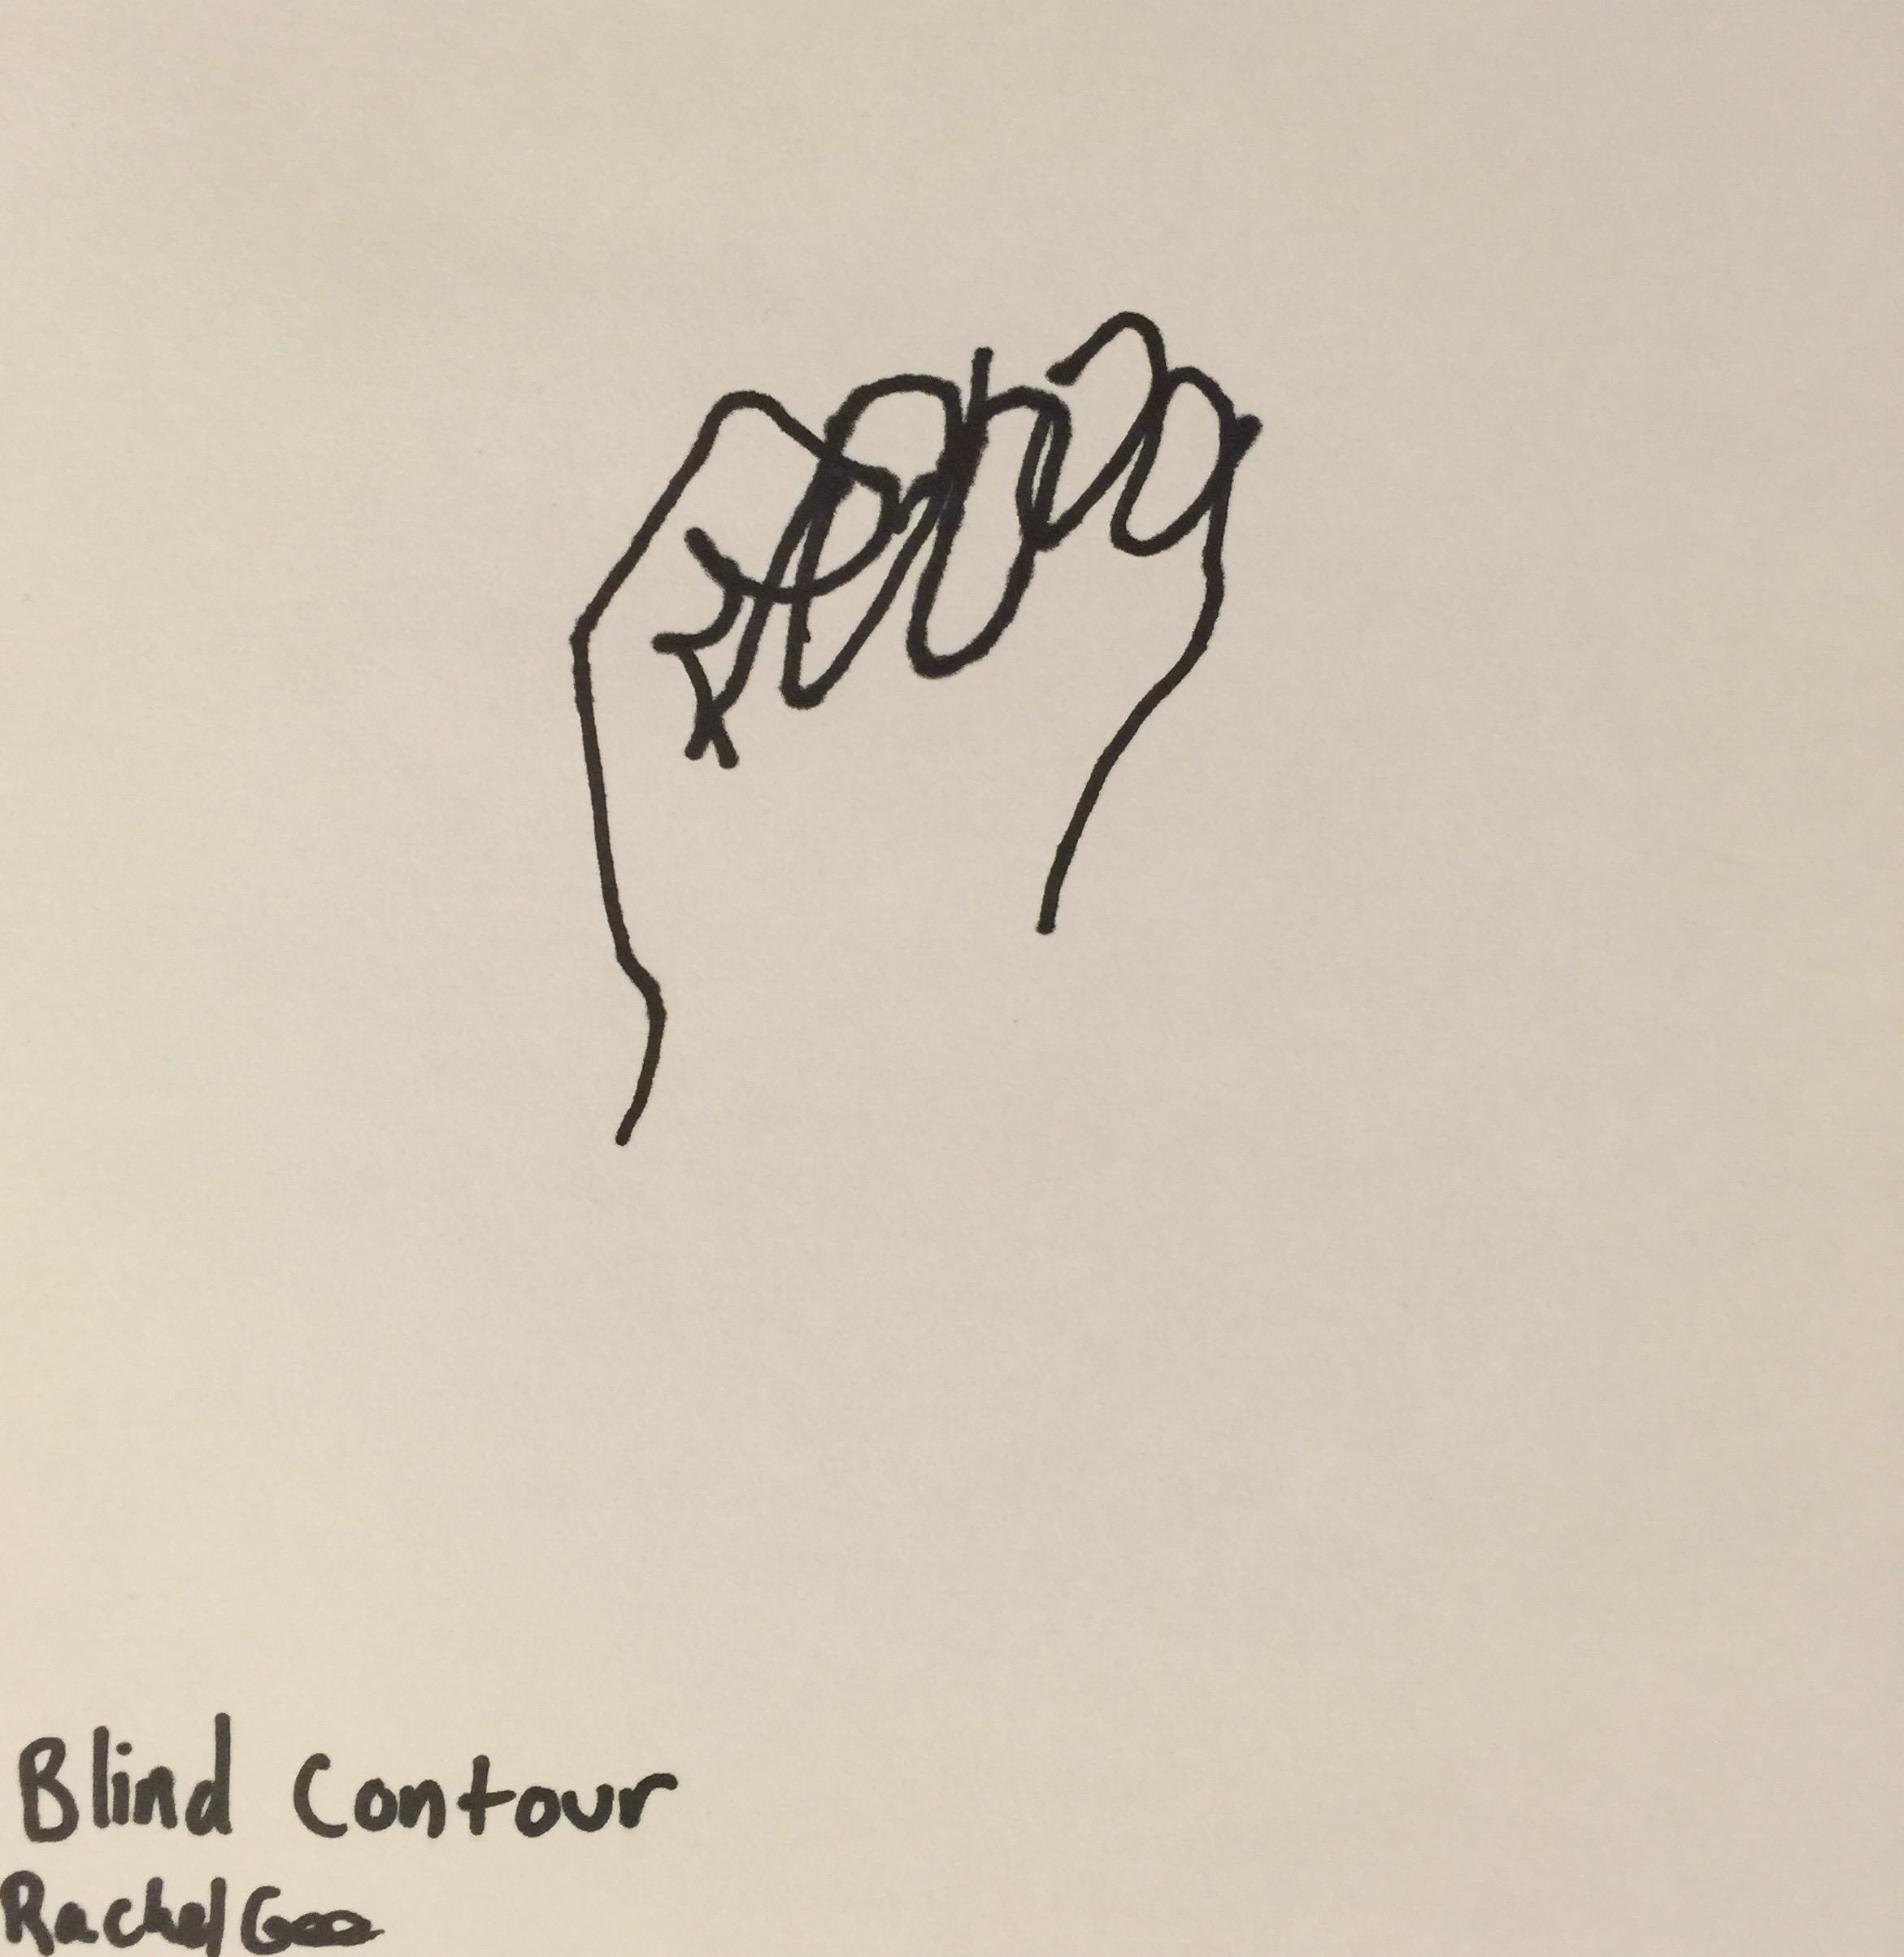 Blind Contour